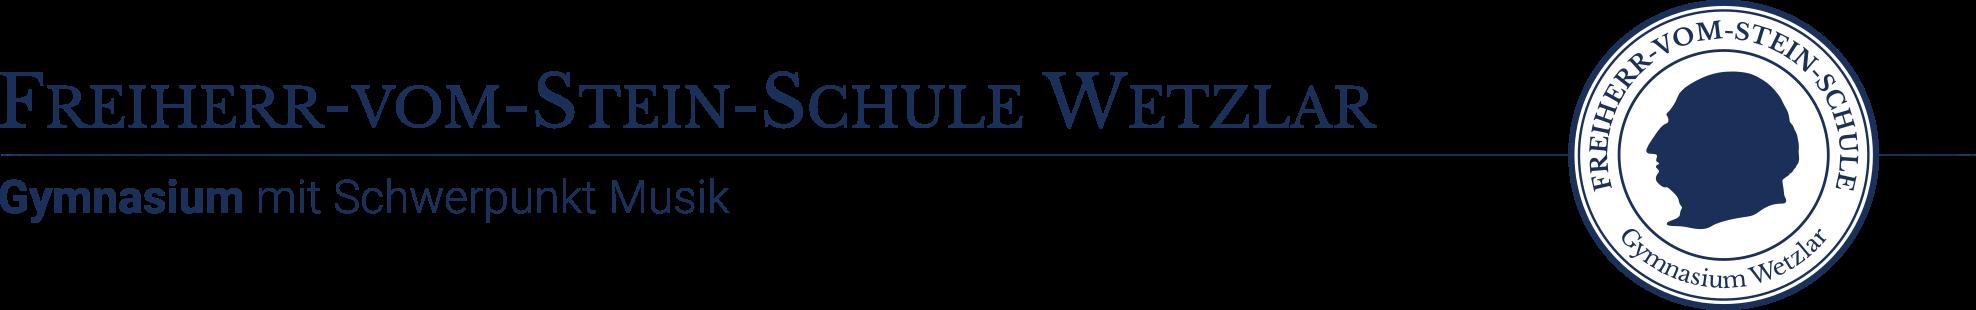 Freiherr-vom-Stein-Schule Wetzlar